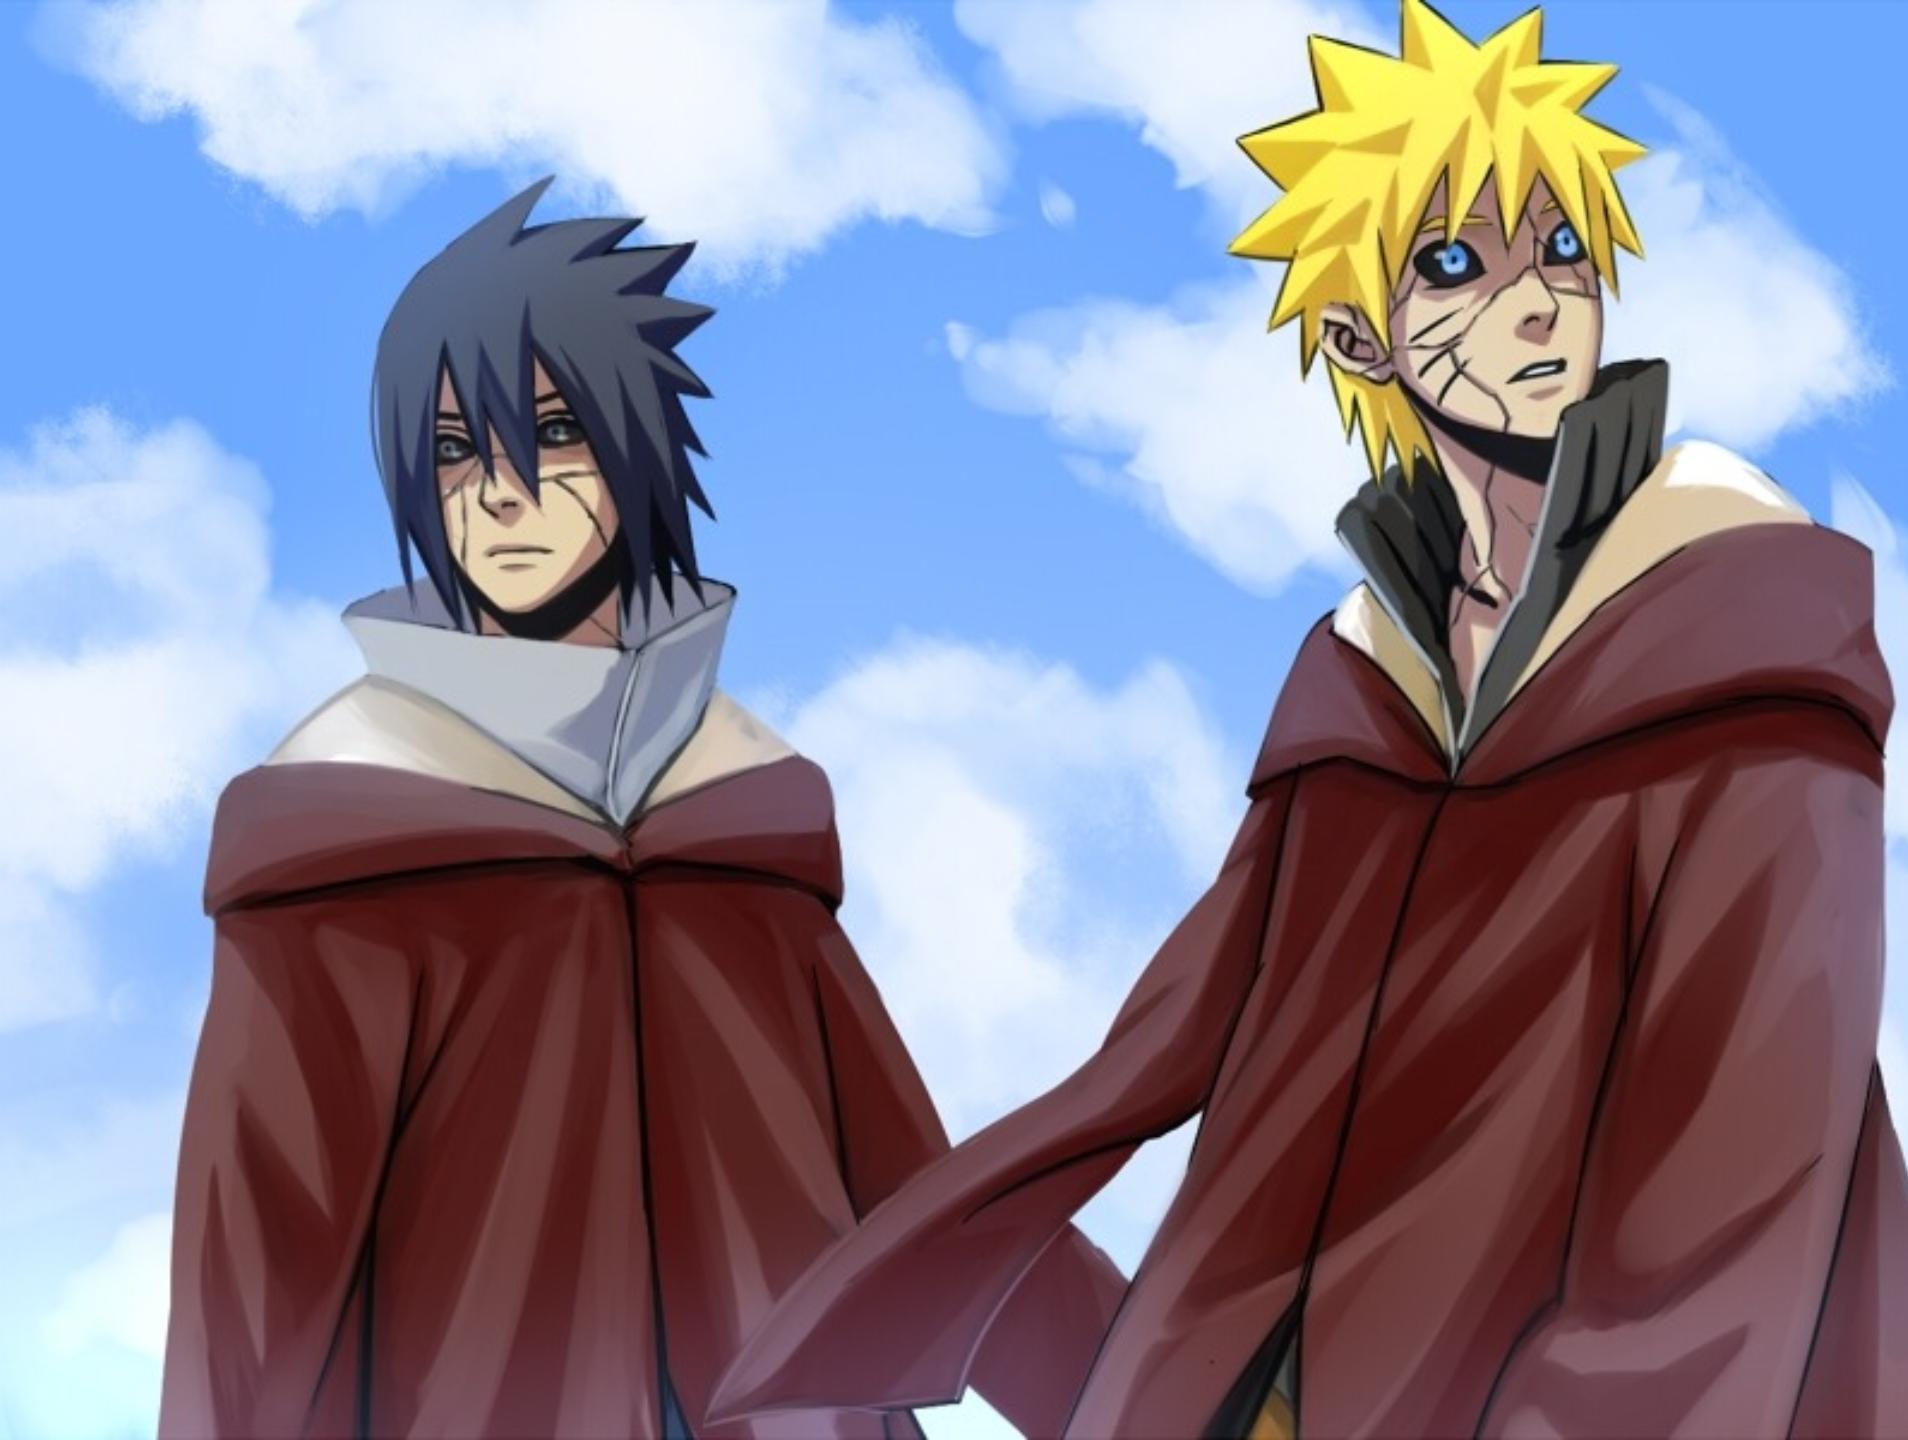 Fanart Edo Tensei Naruto And Sasuke Naruto Anime Manga Naruto Naruto Uzumaki Naruto Images